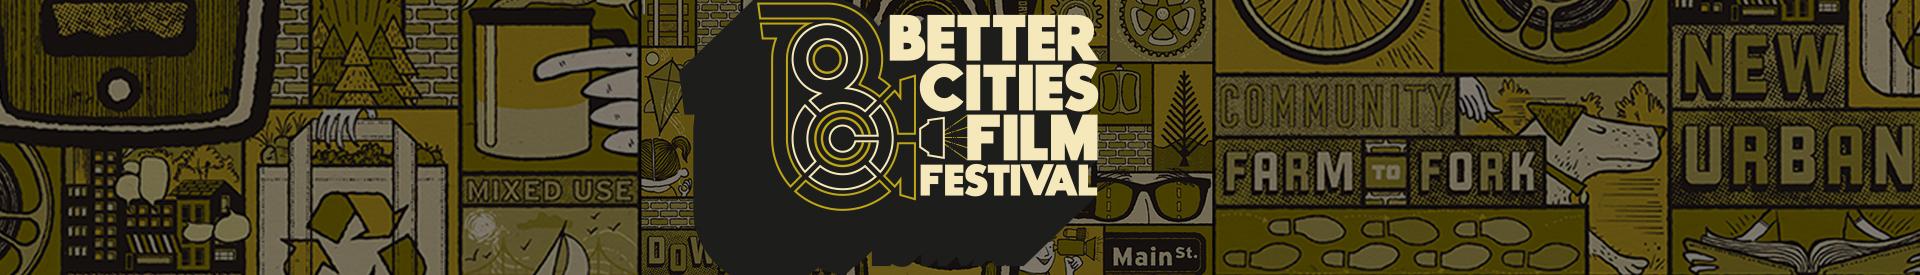 Better Cities Film Festival 2020